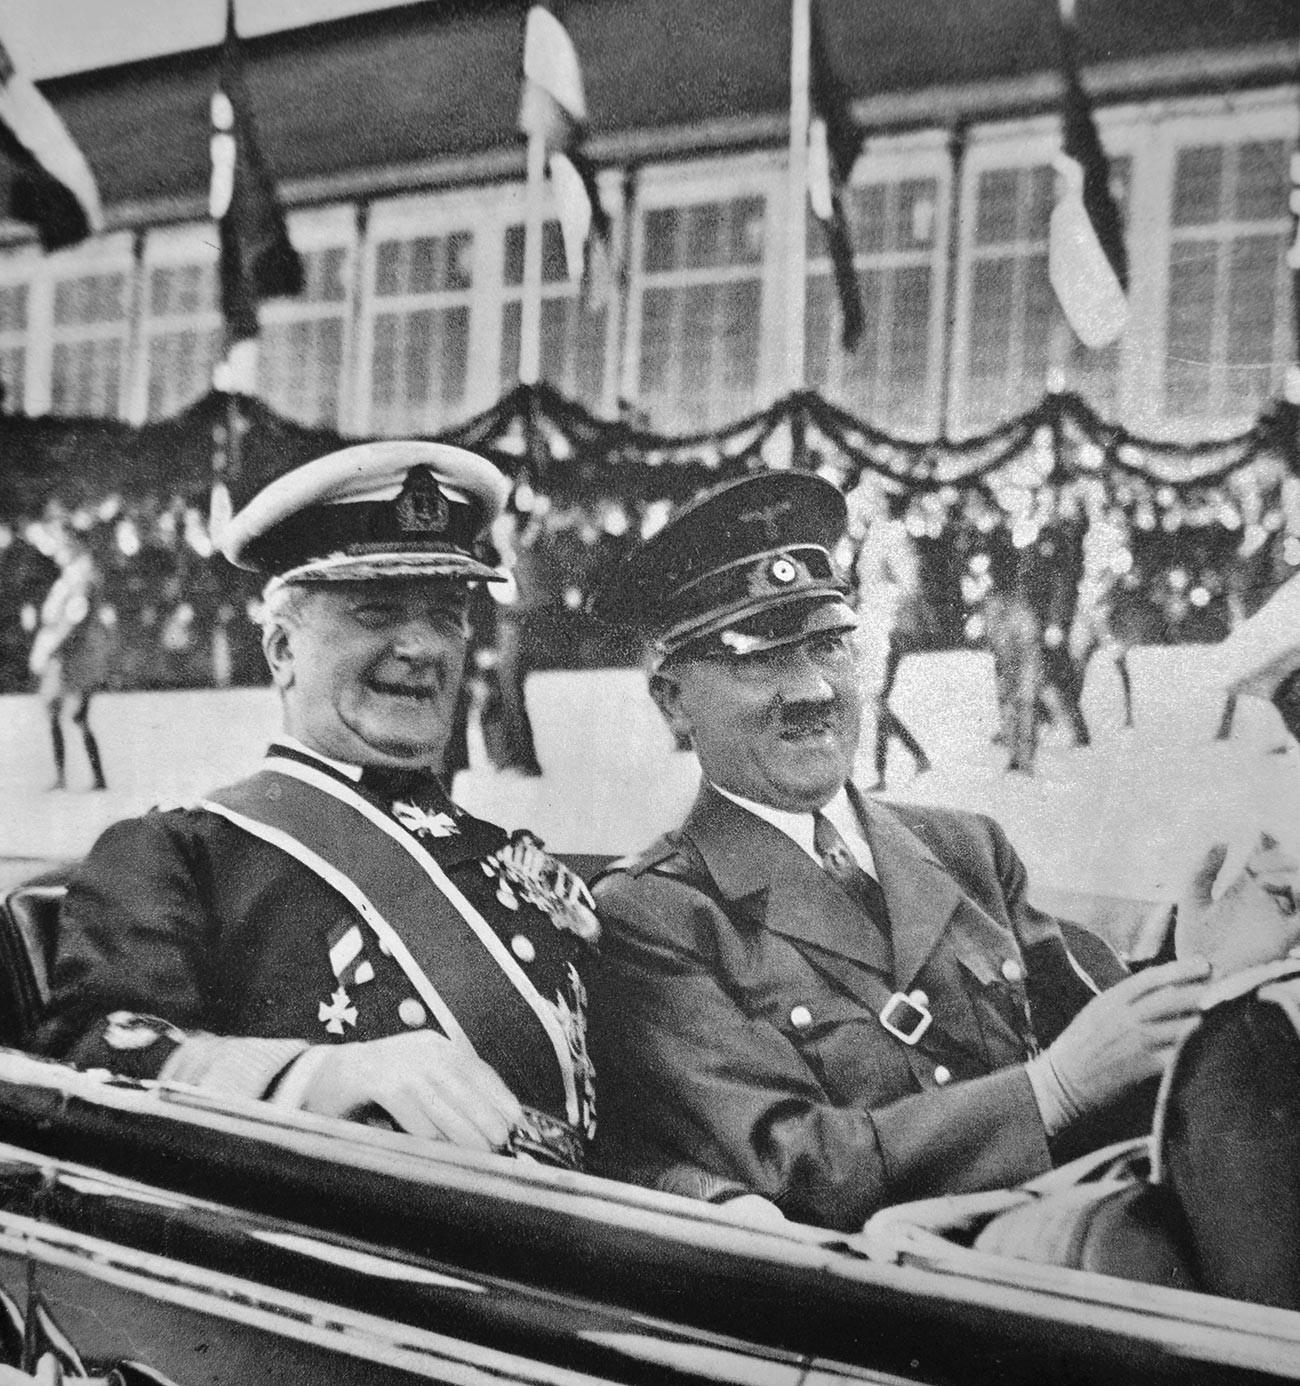 Mađarski lider Miklós Horthy i Adolf Hitler, 1938.